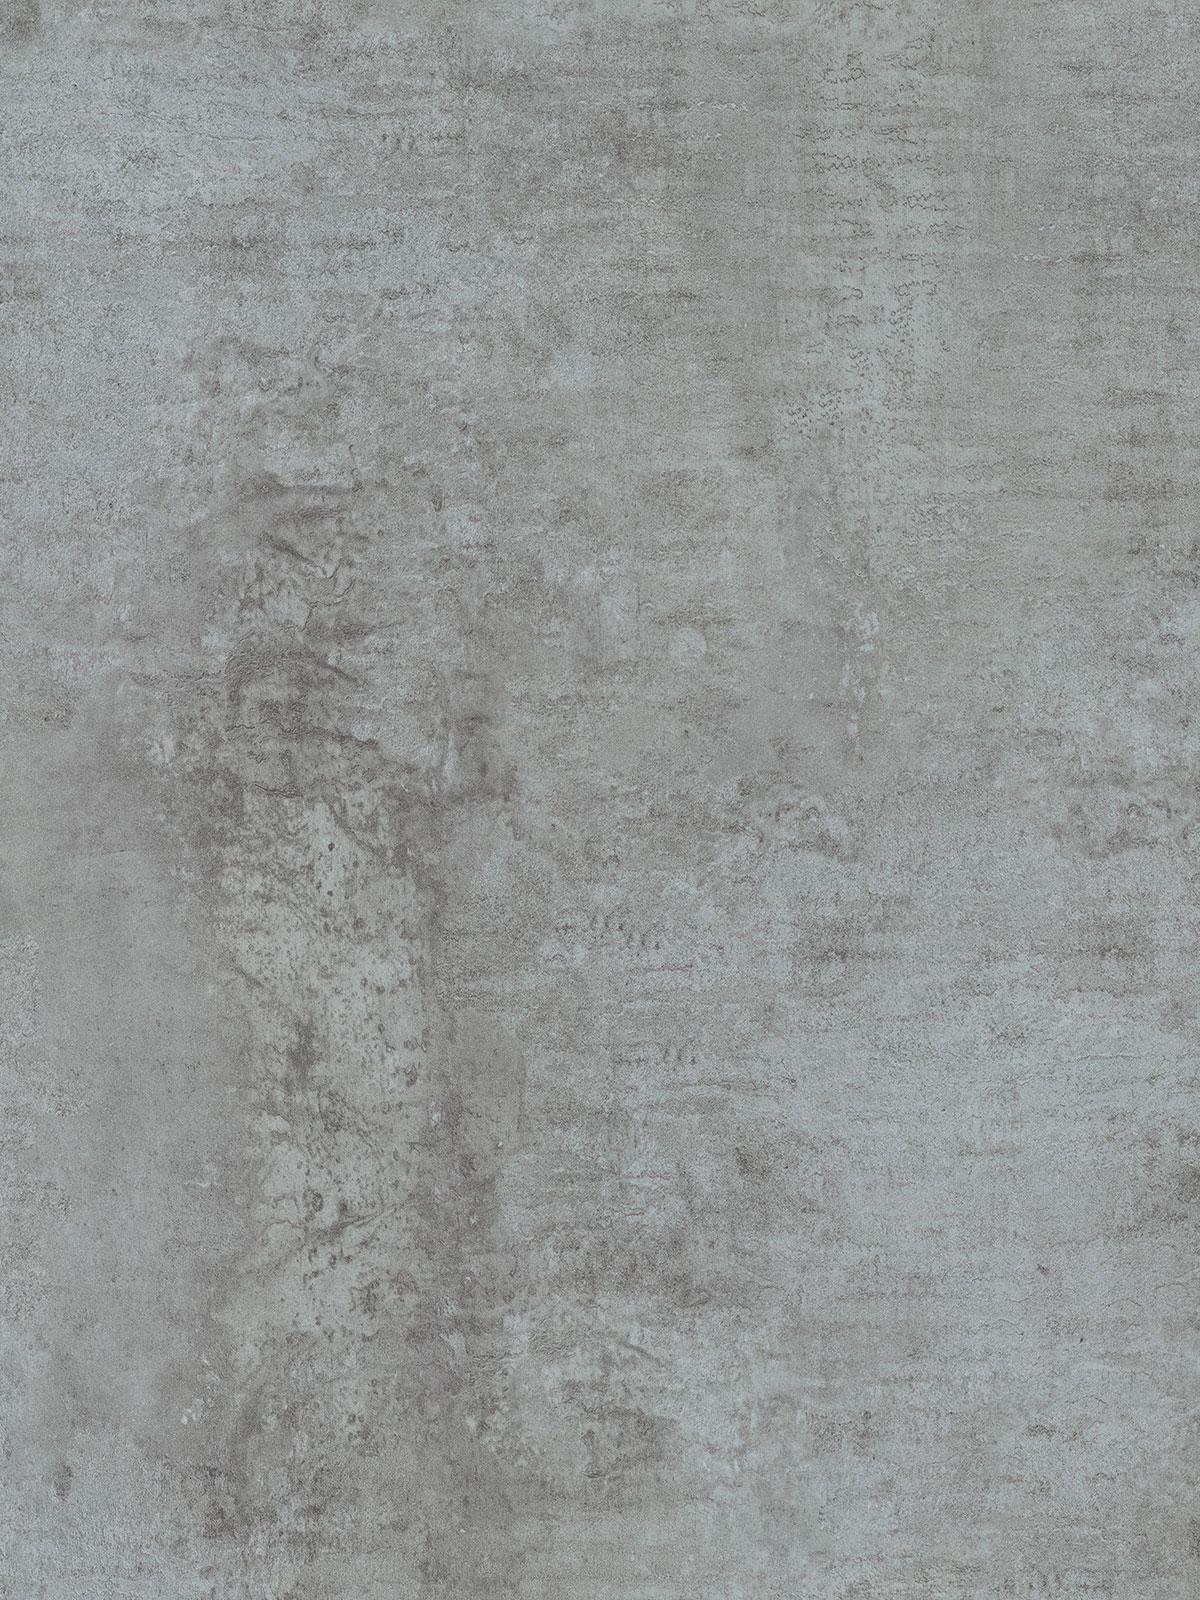 APLA Küchenarbeitsplatten GmbH 3243 Zement